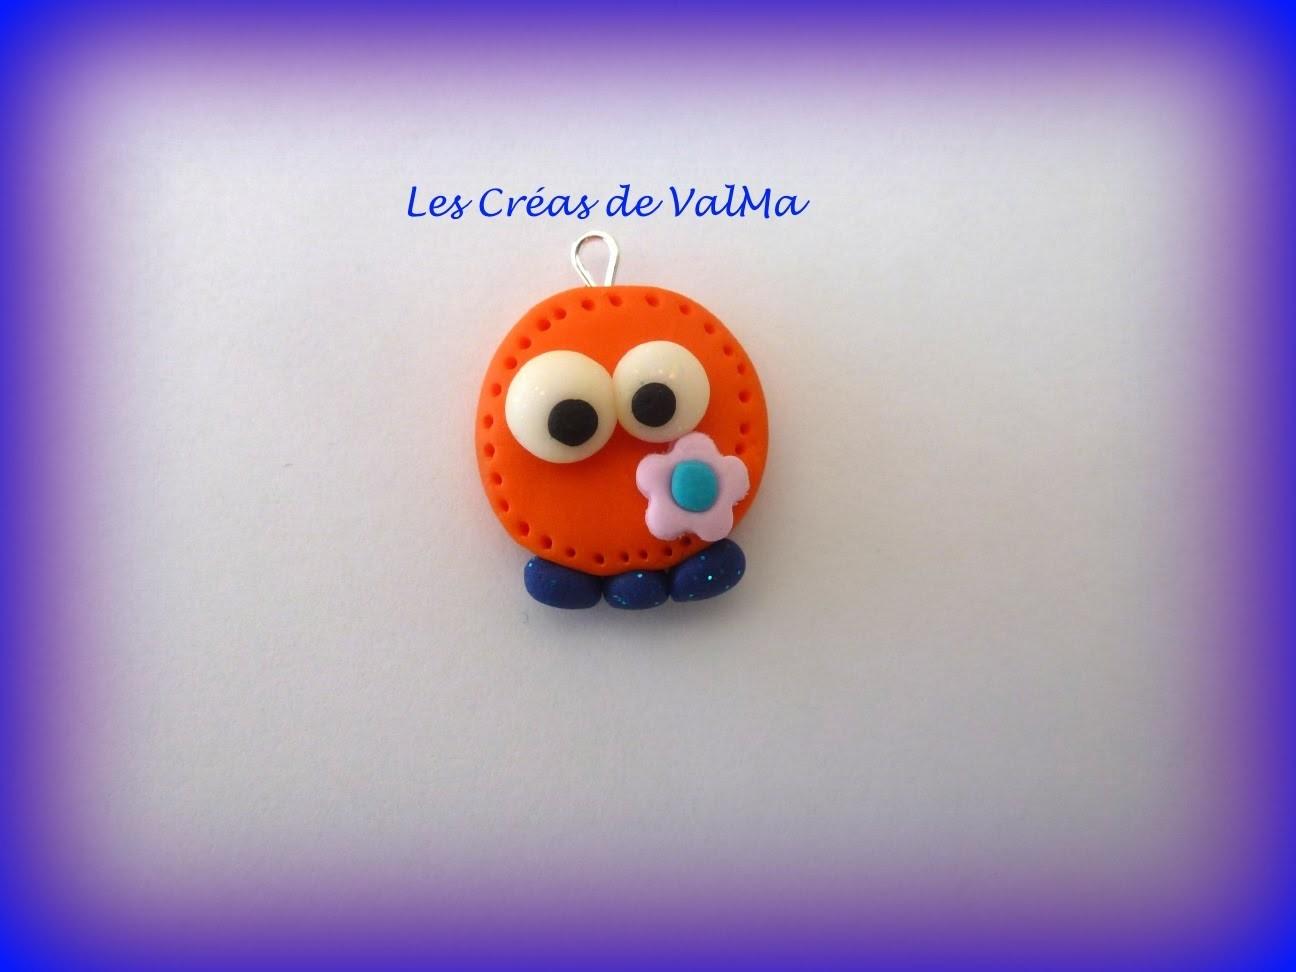 Tuto Fimo petit bonhomme orange.Polymer clay Tutorial